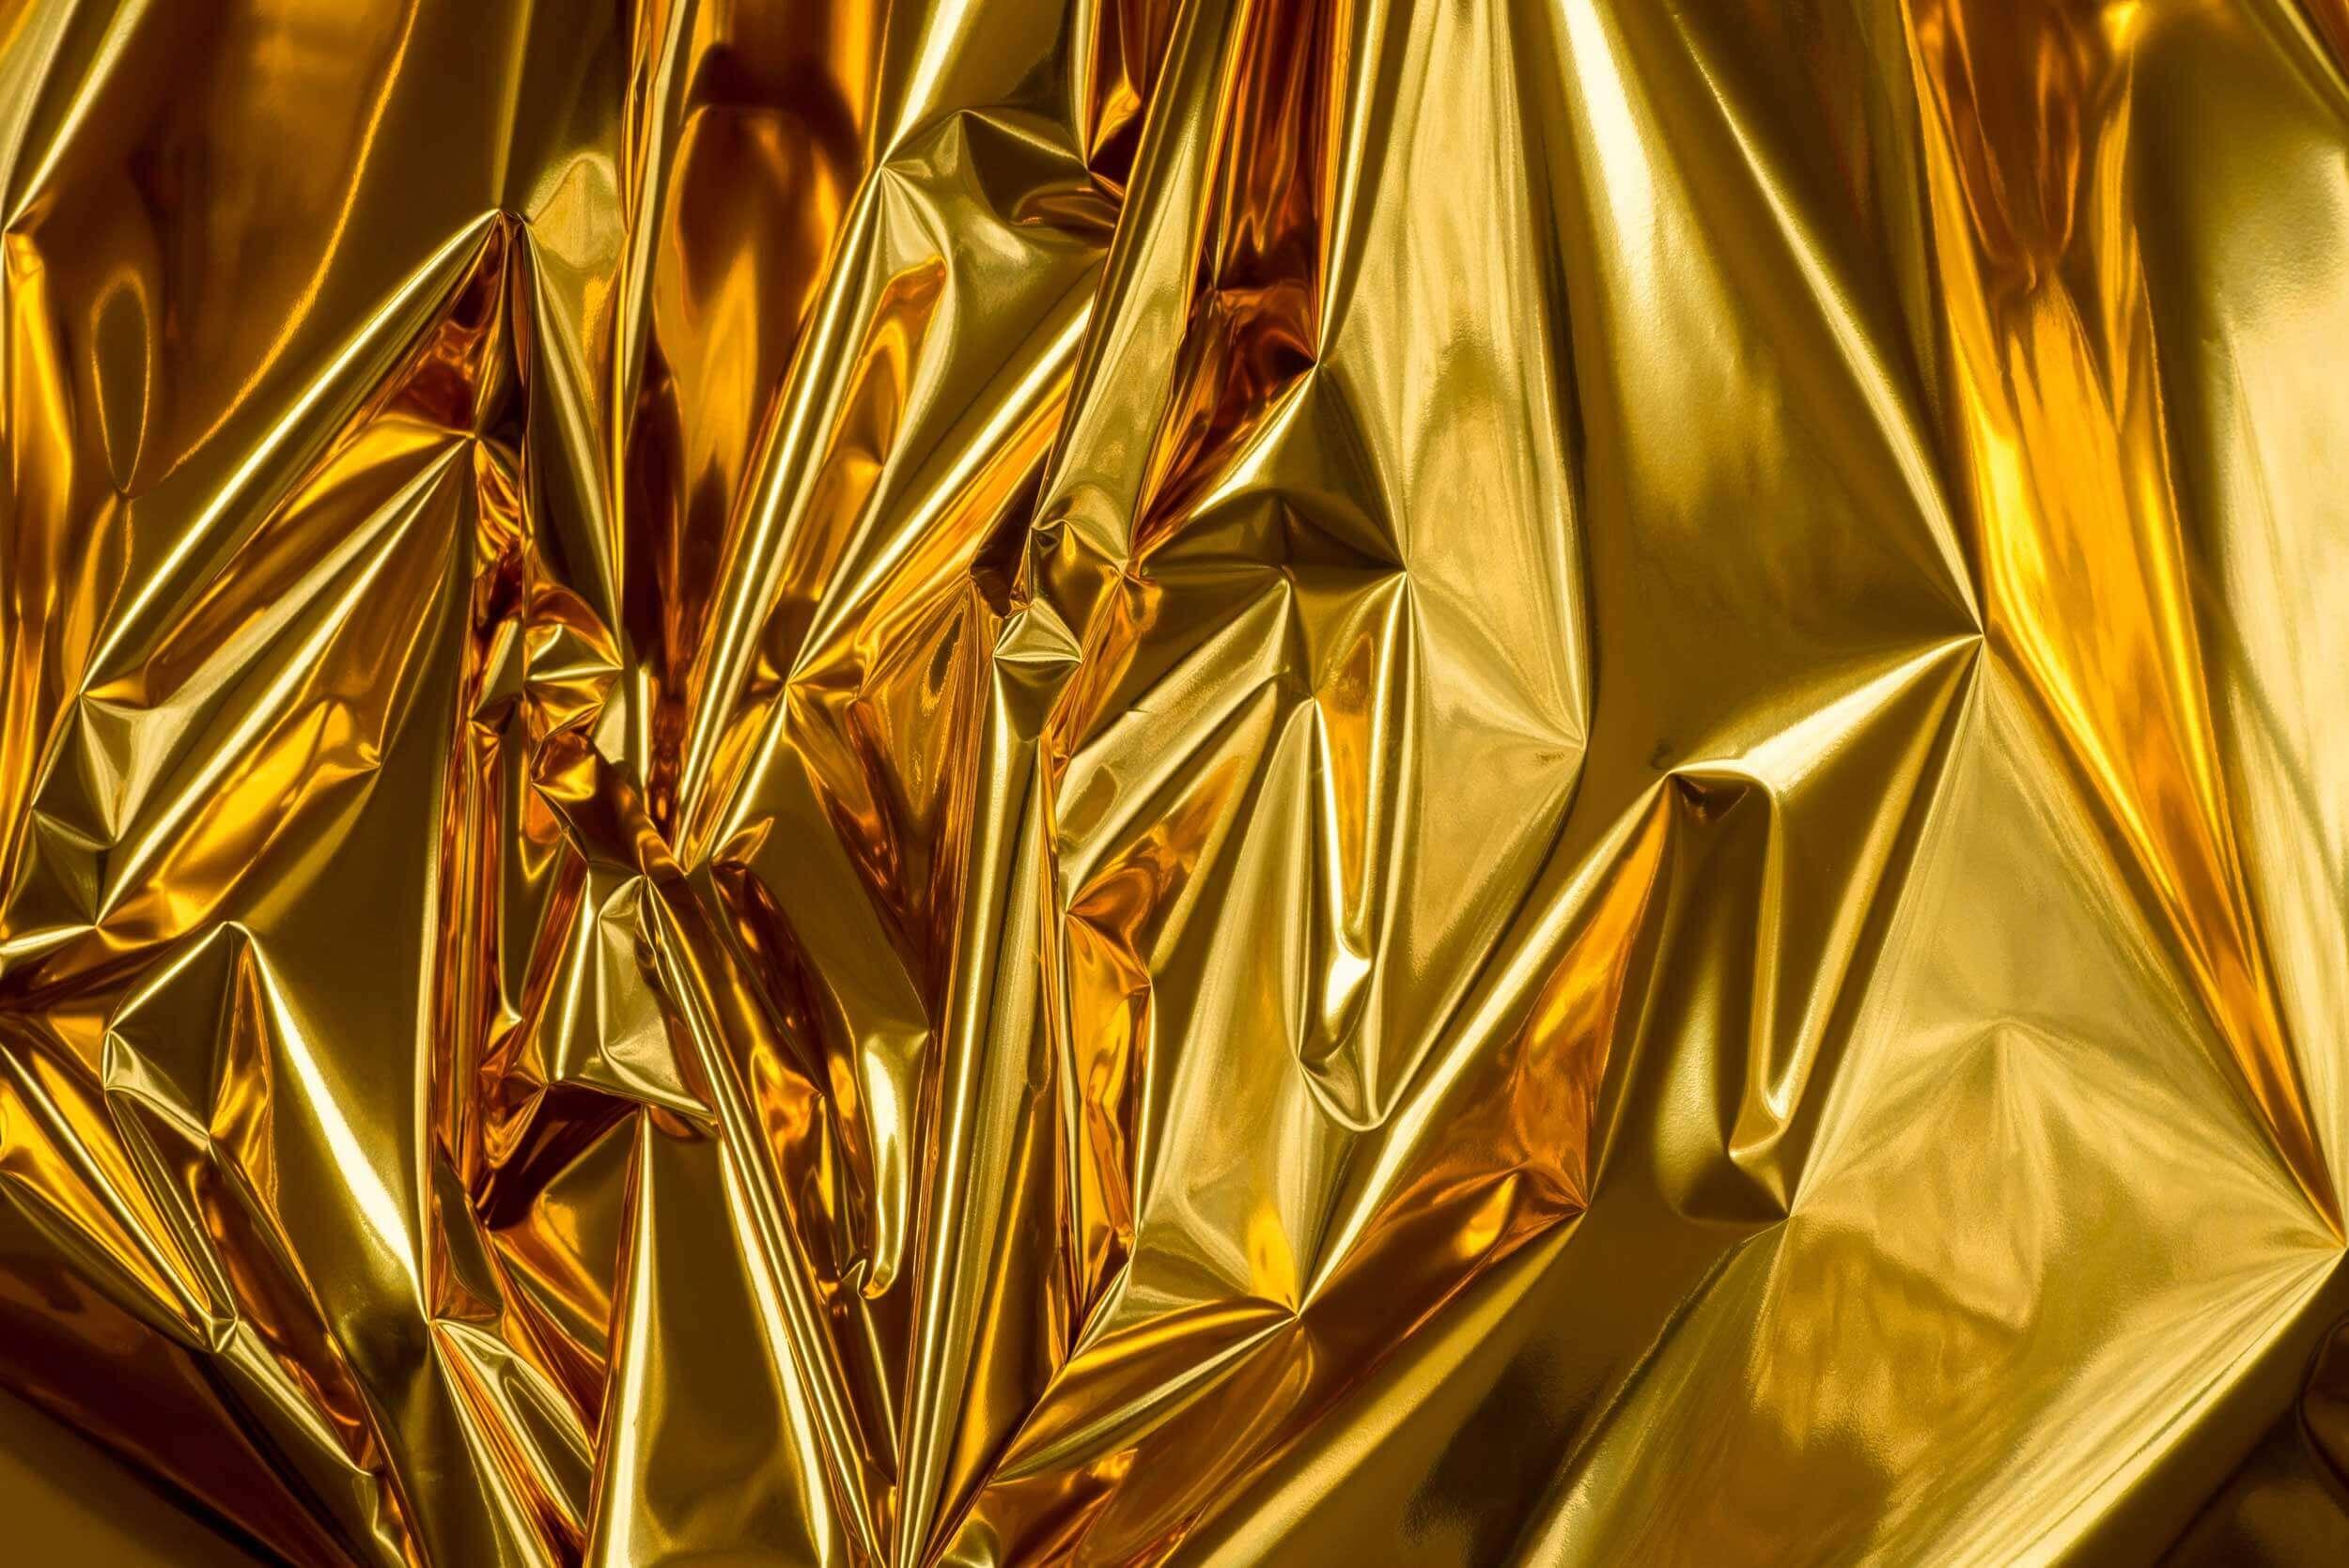 Folie aus Metall vor der Wiederverwertung